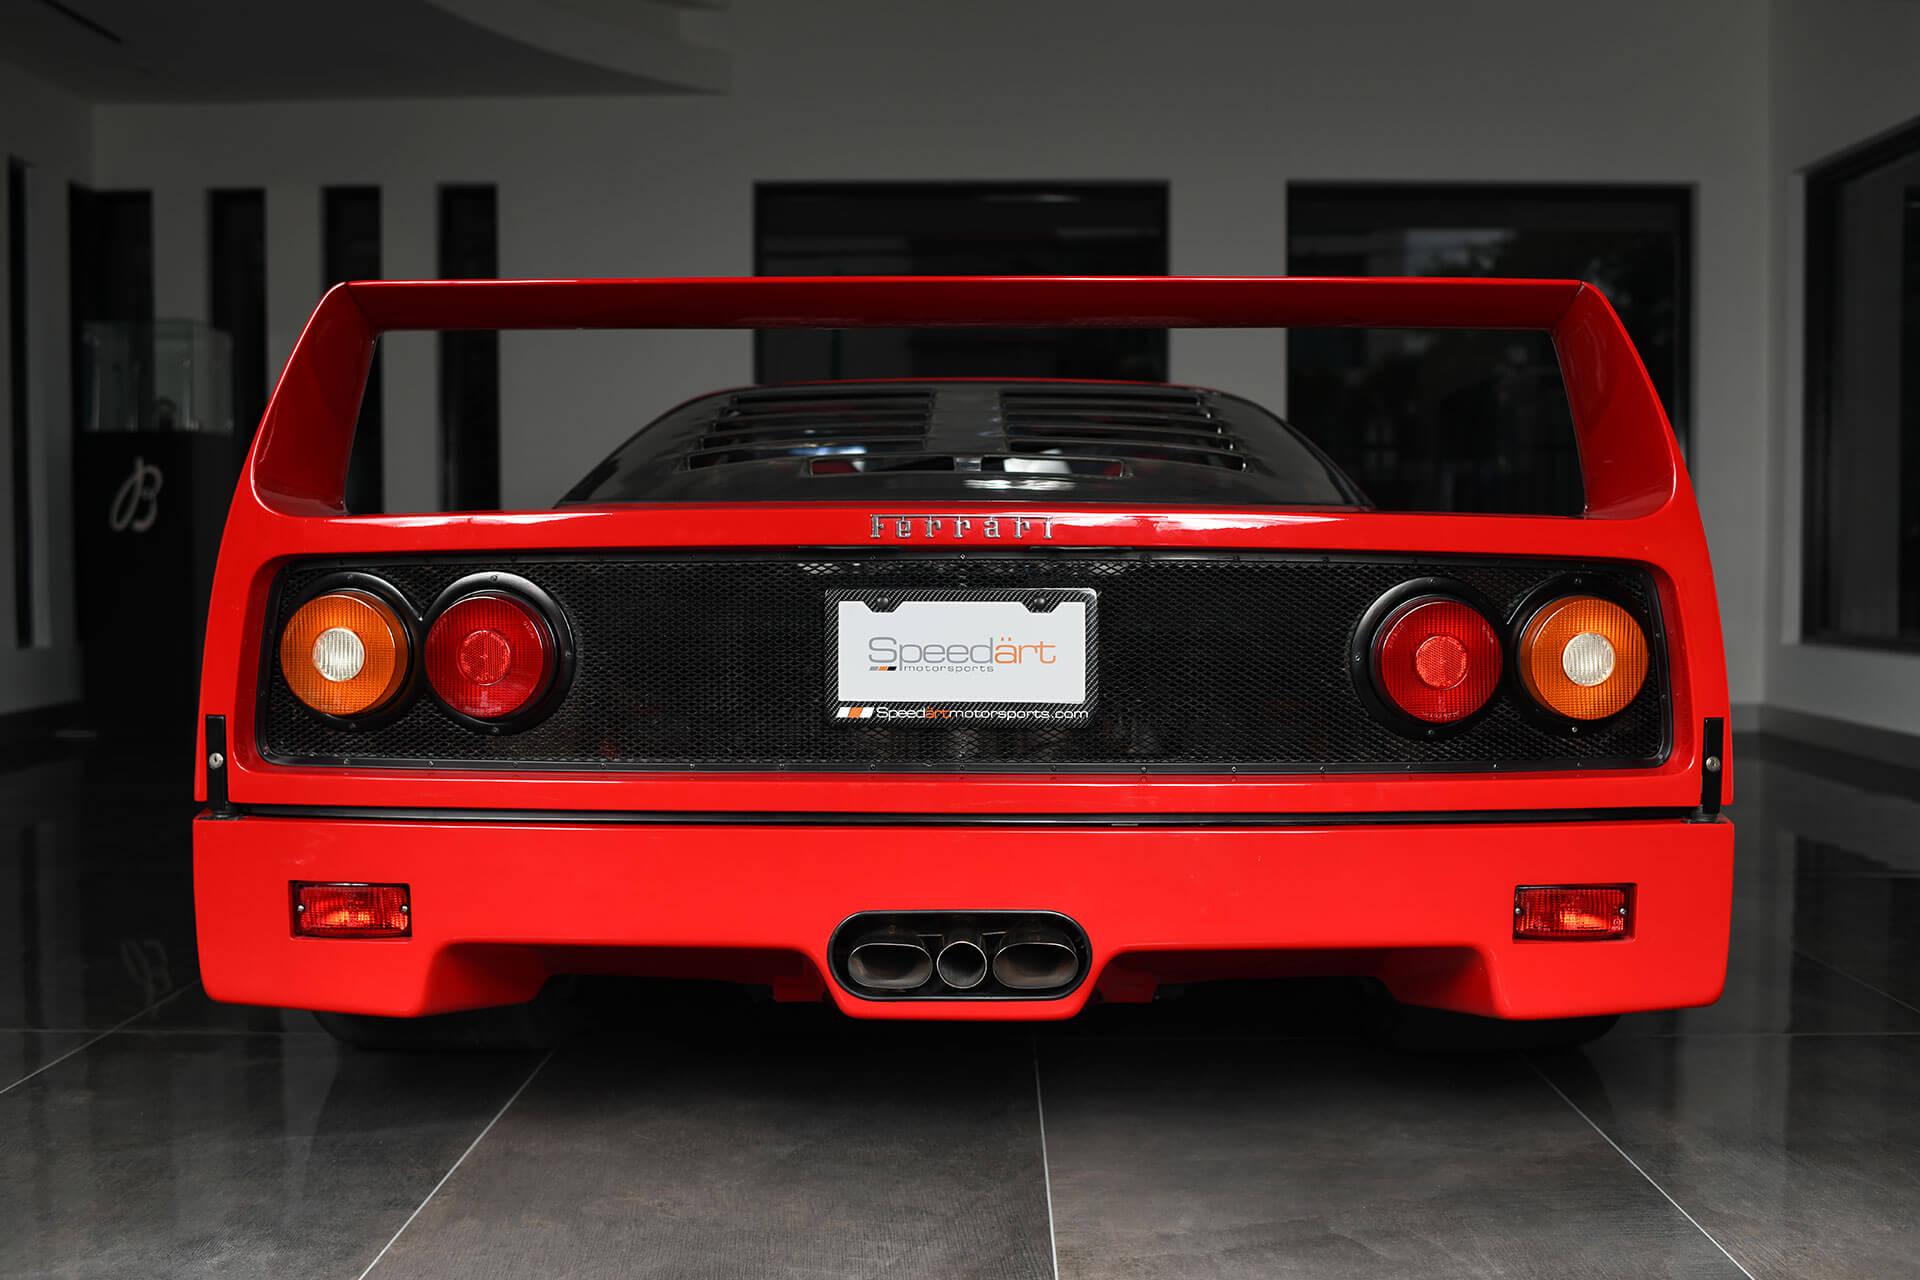 1989 Ferrari F40 Speedart Motorsports Speedart Motorsports